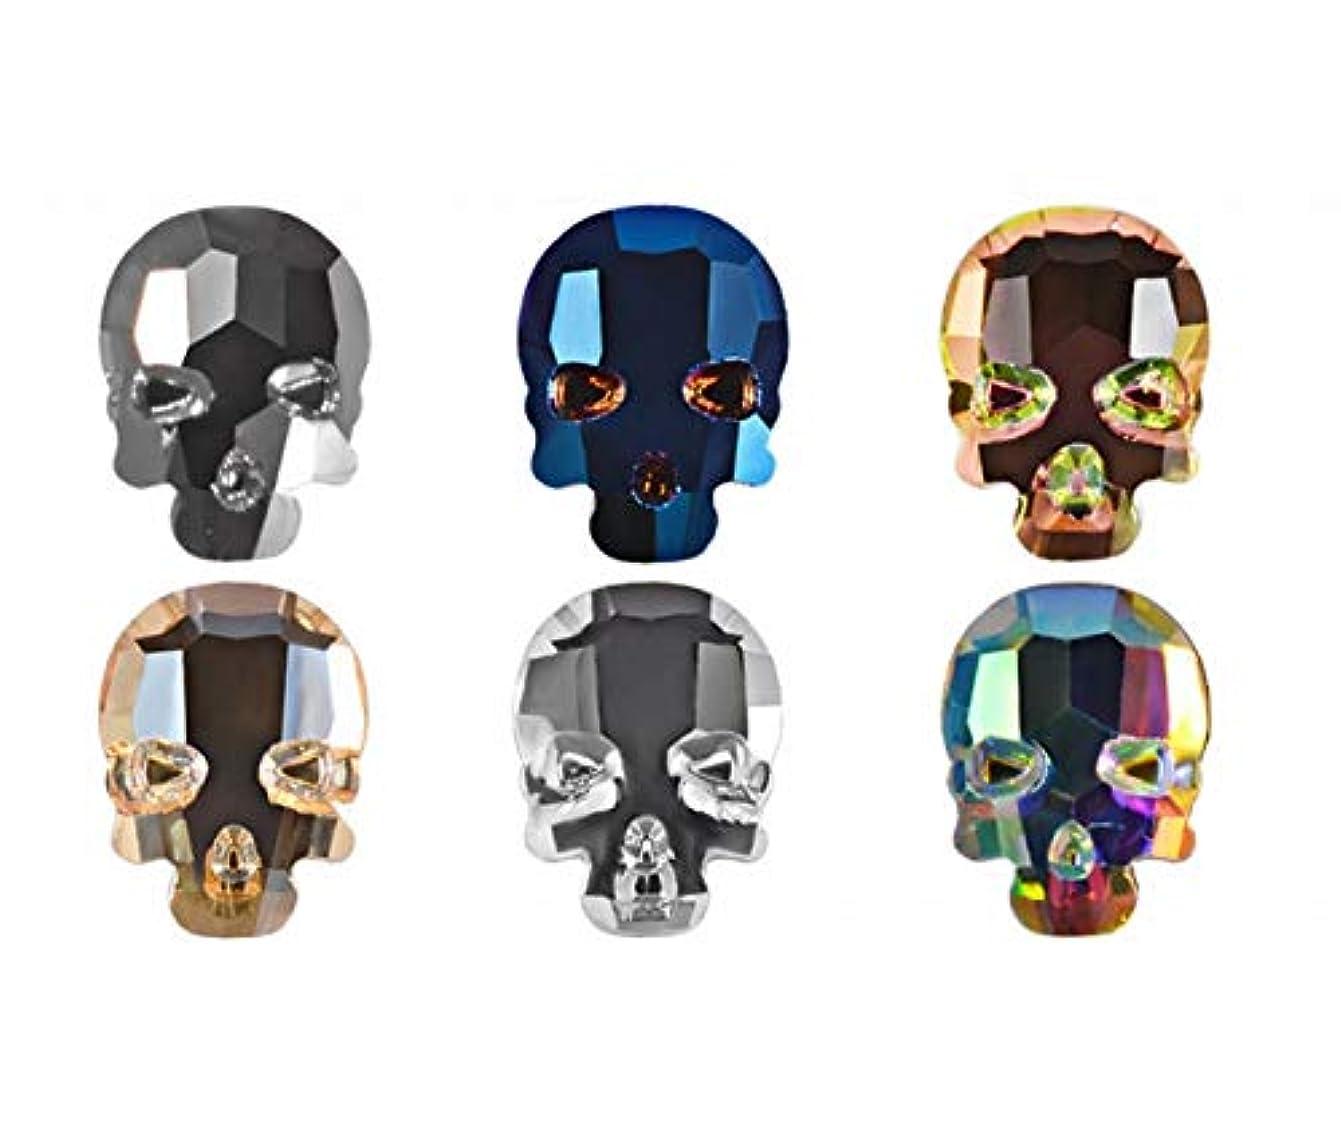 コミュニケーション症候群誕生Tianmey ネイルアートクリスタルフラットバックラインストーンネイルアートスーパーネイルアートラインストーンネイルアートの装飾Accessorieのためにビッグラインストーンシャイン